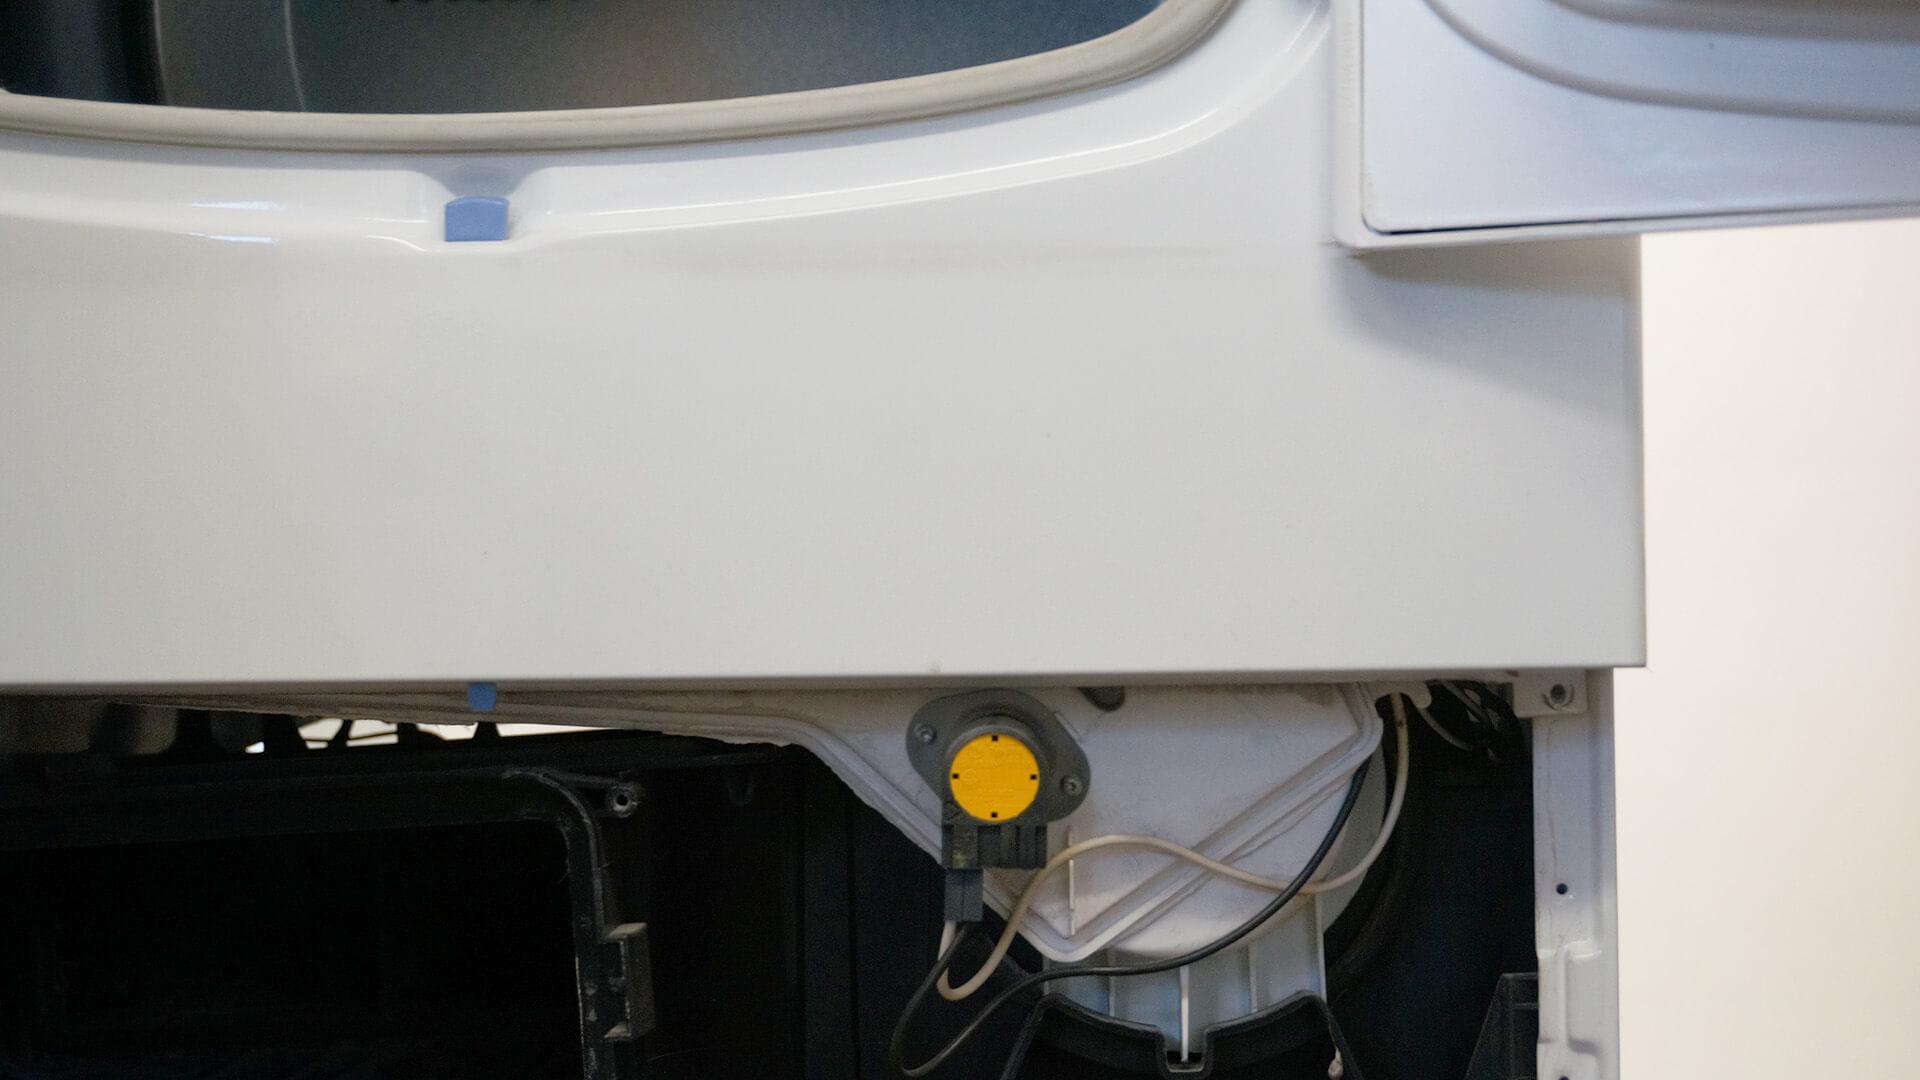 Position des vorderen Temperaturfühlers bei offener Frontblende